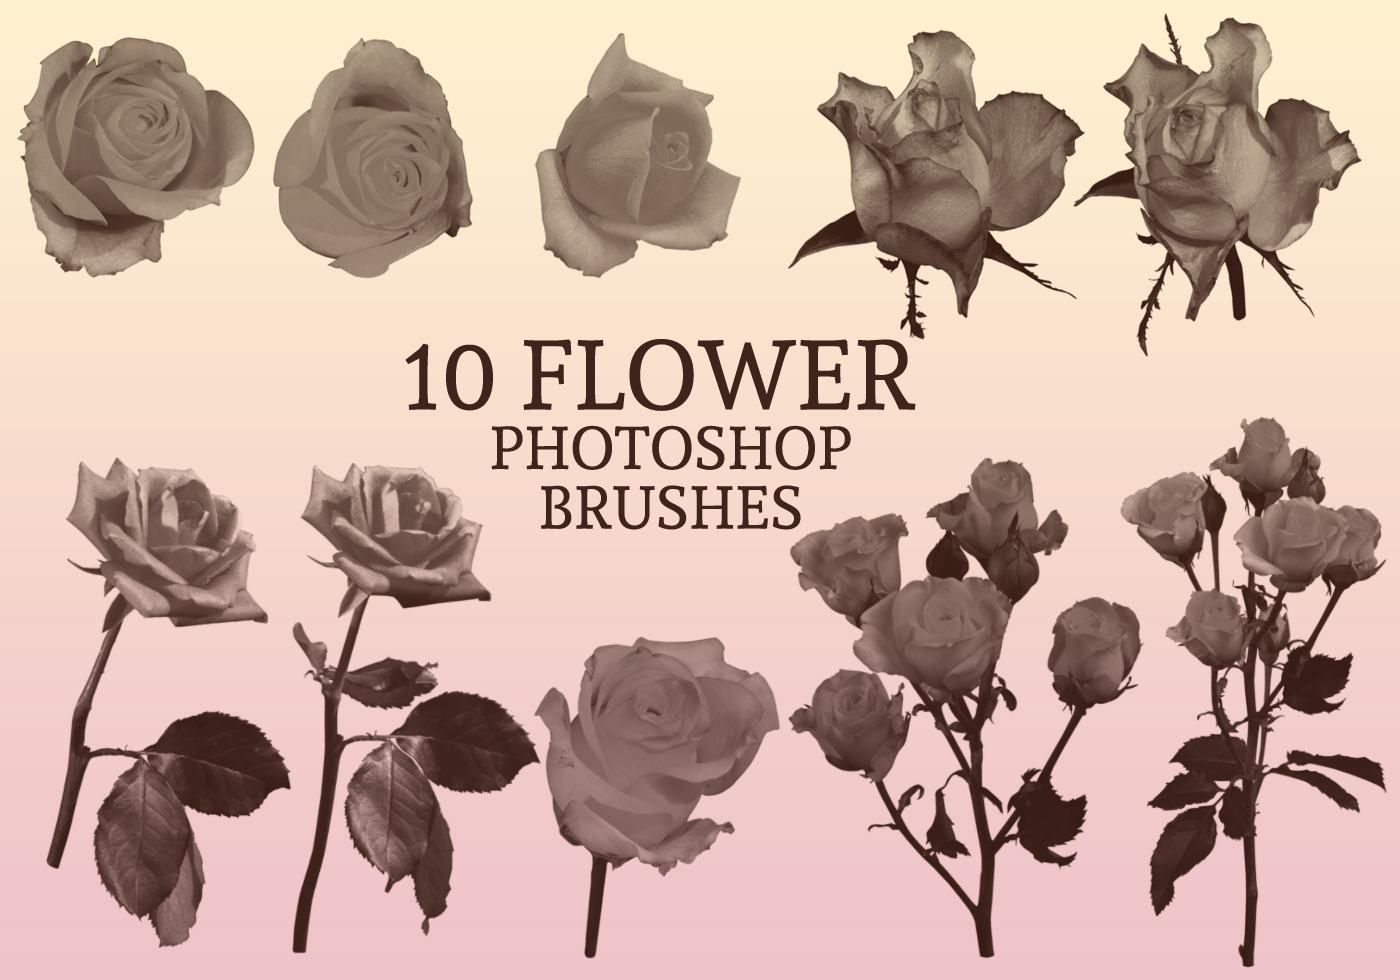 Flower Photoshop Brushes Free Photoshop Brushes At Brusheezy